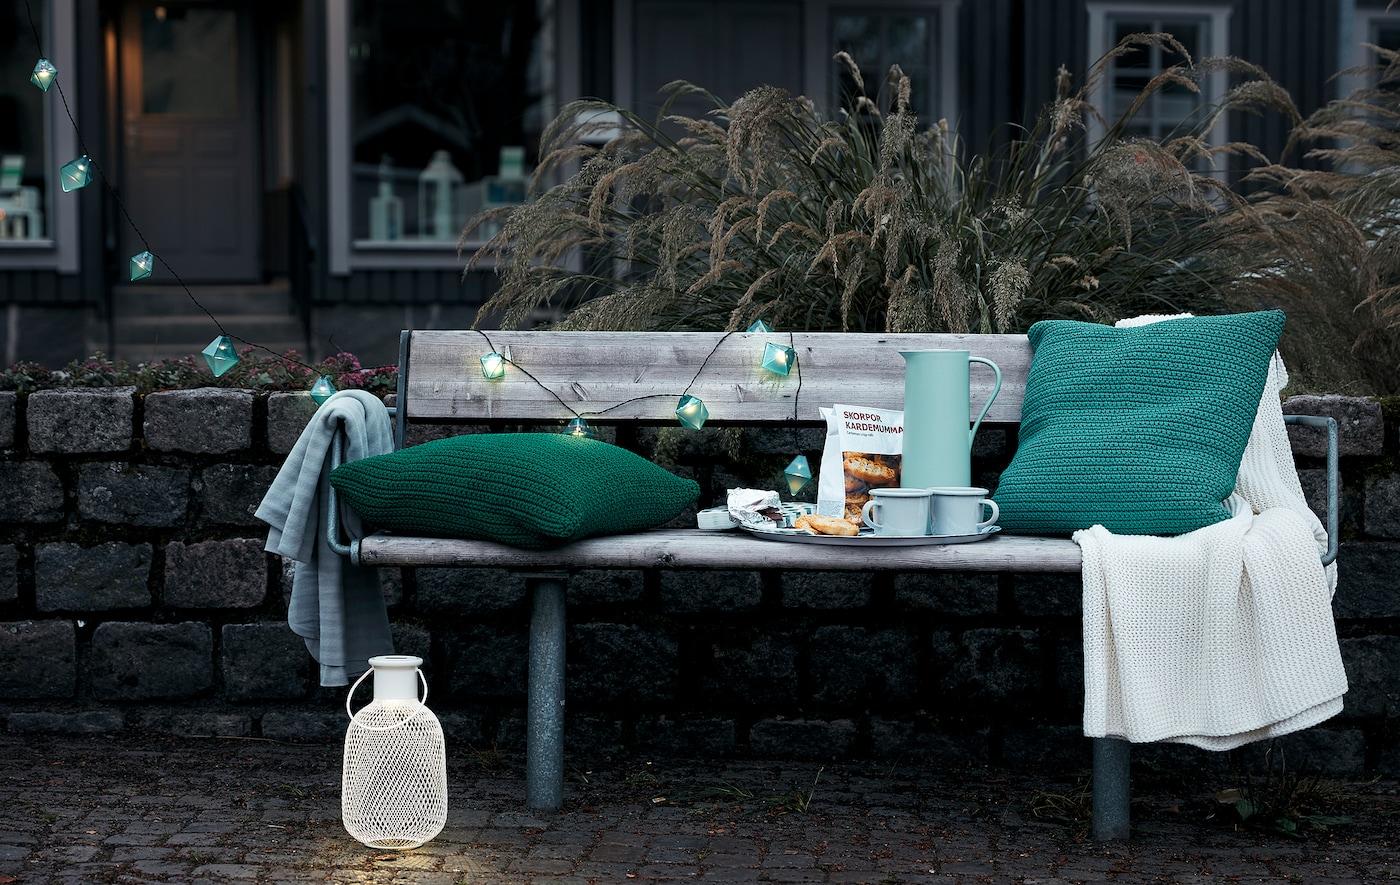 Una panchina in città al tramonto con un vassoio, cuscini, un plaid e luci decorative - IKEA